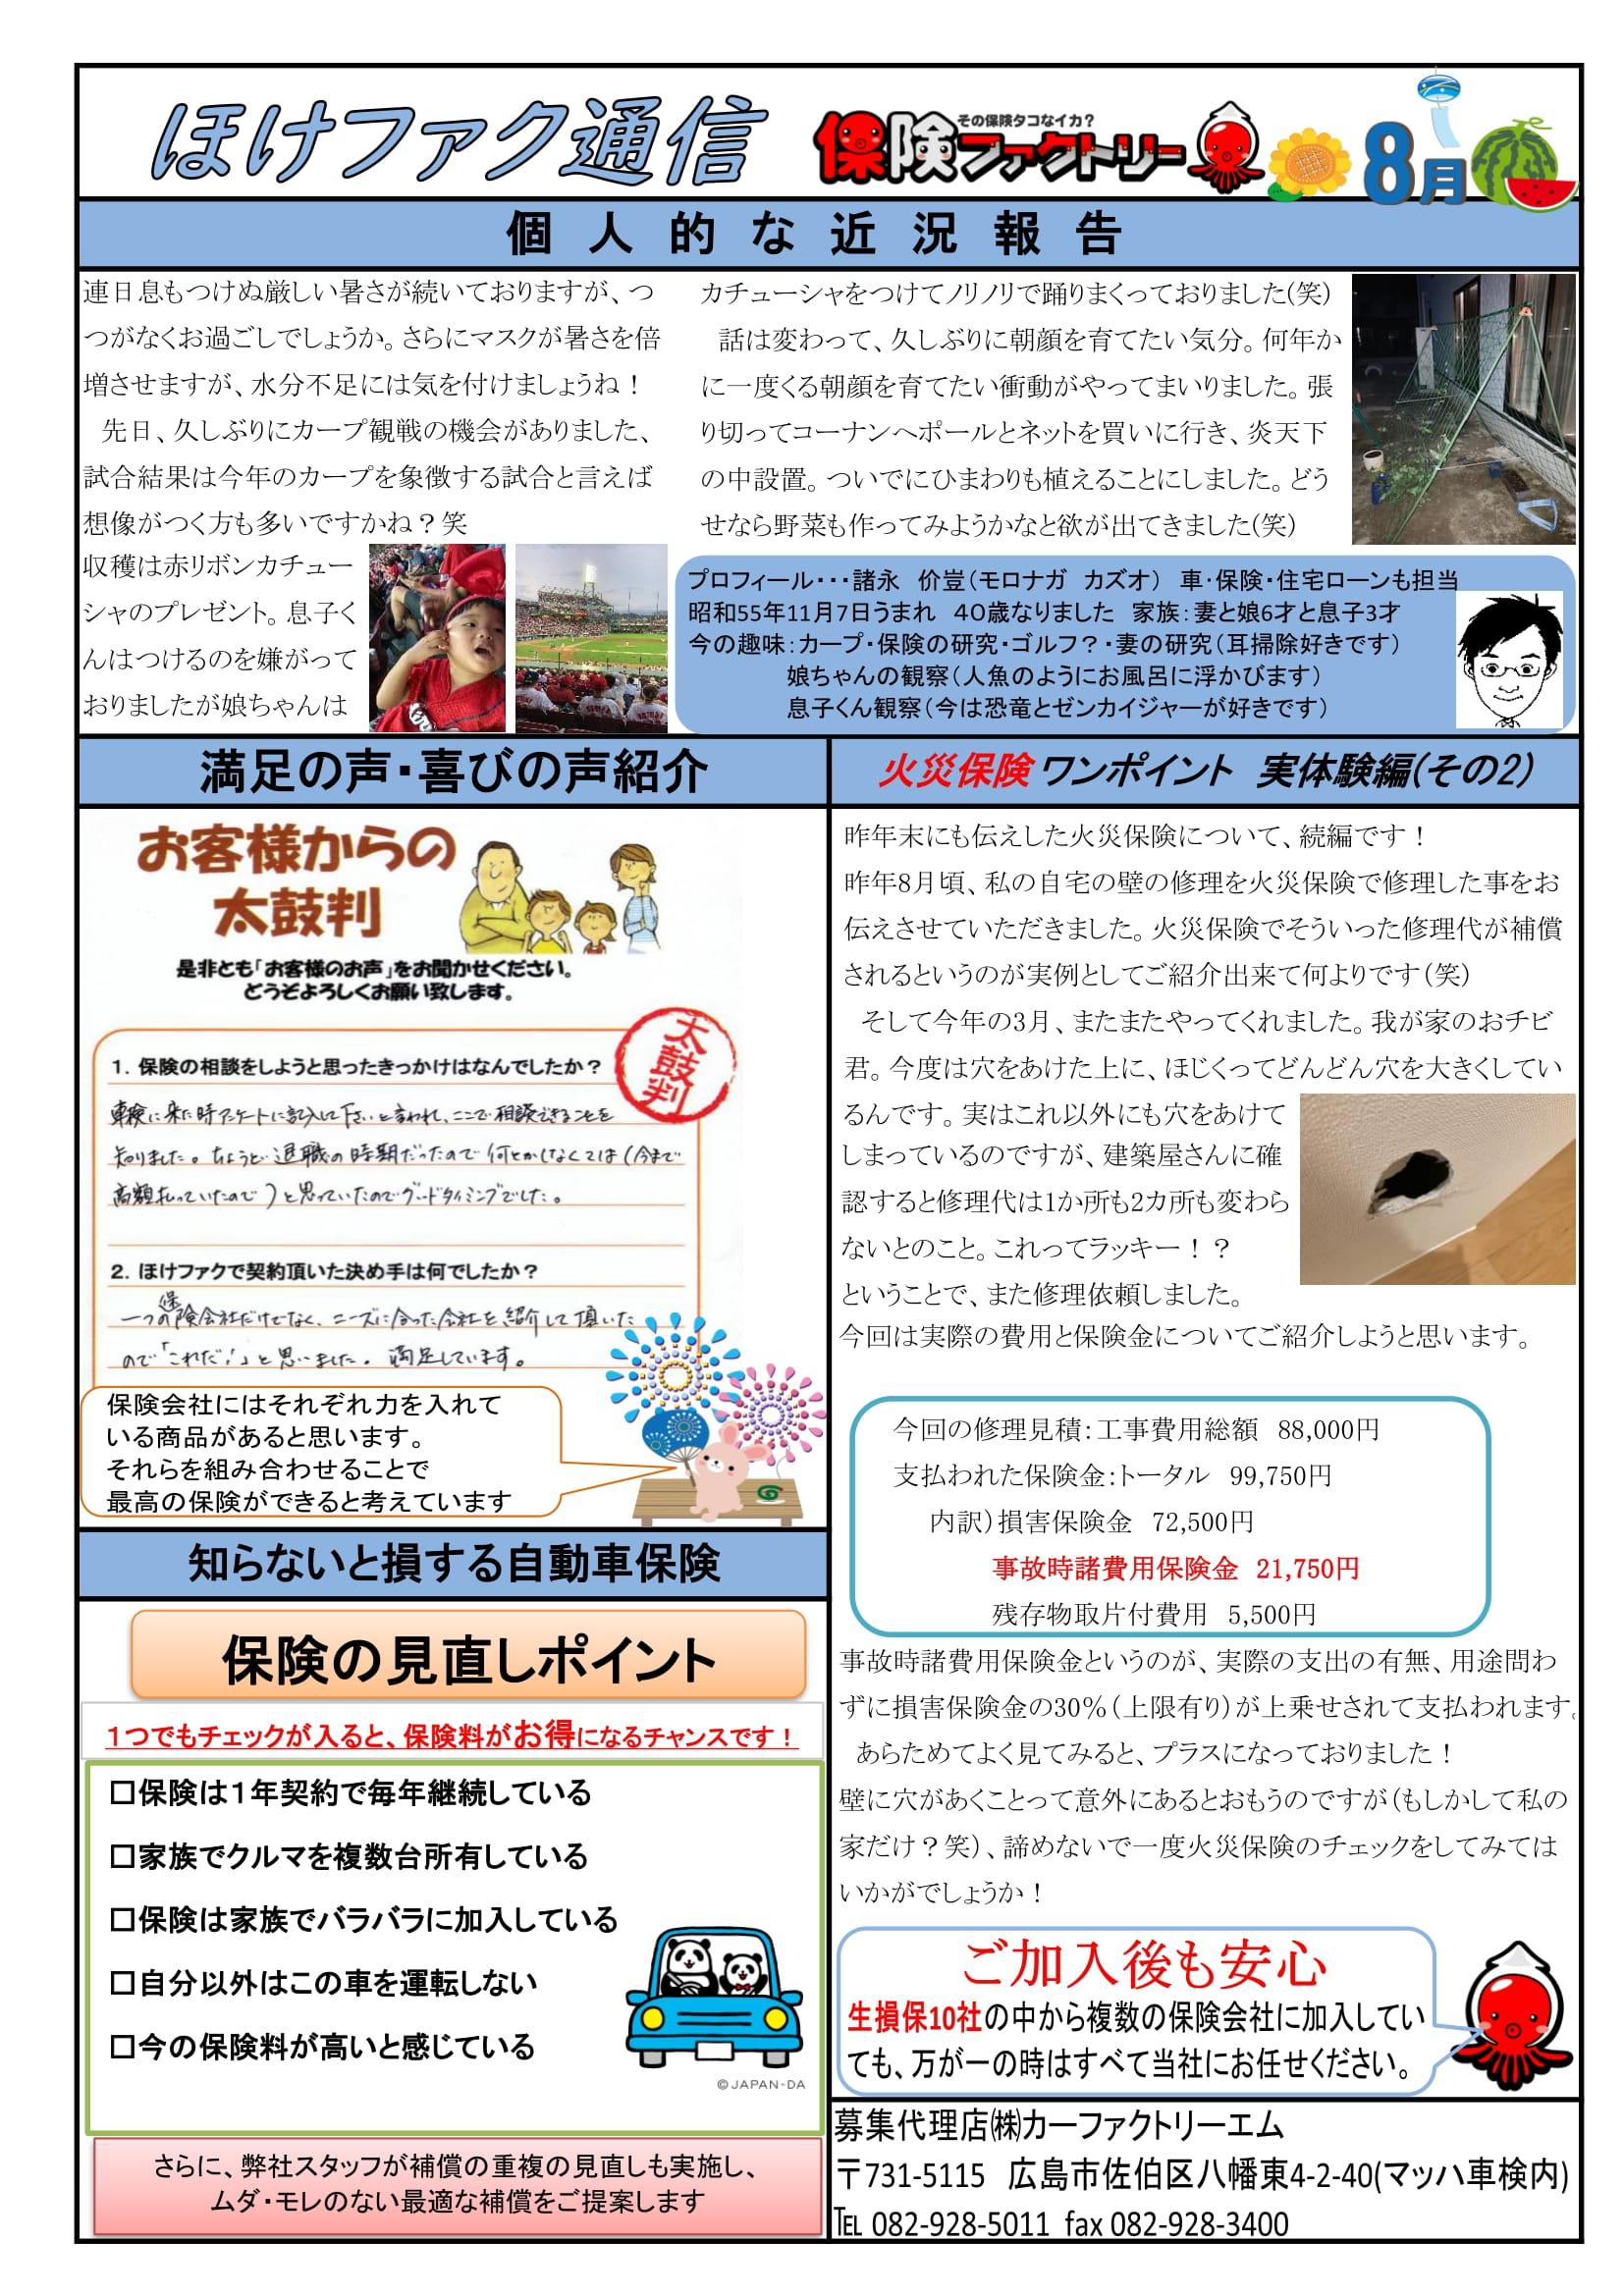 マッハ車検五日市石内バイパス店から 保険ファクトリー通信令和3年8月号